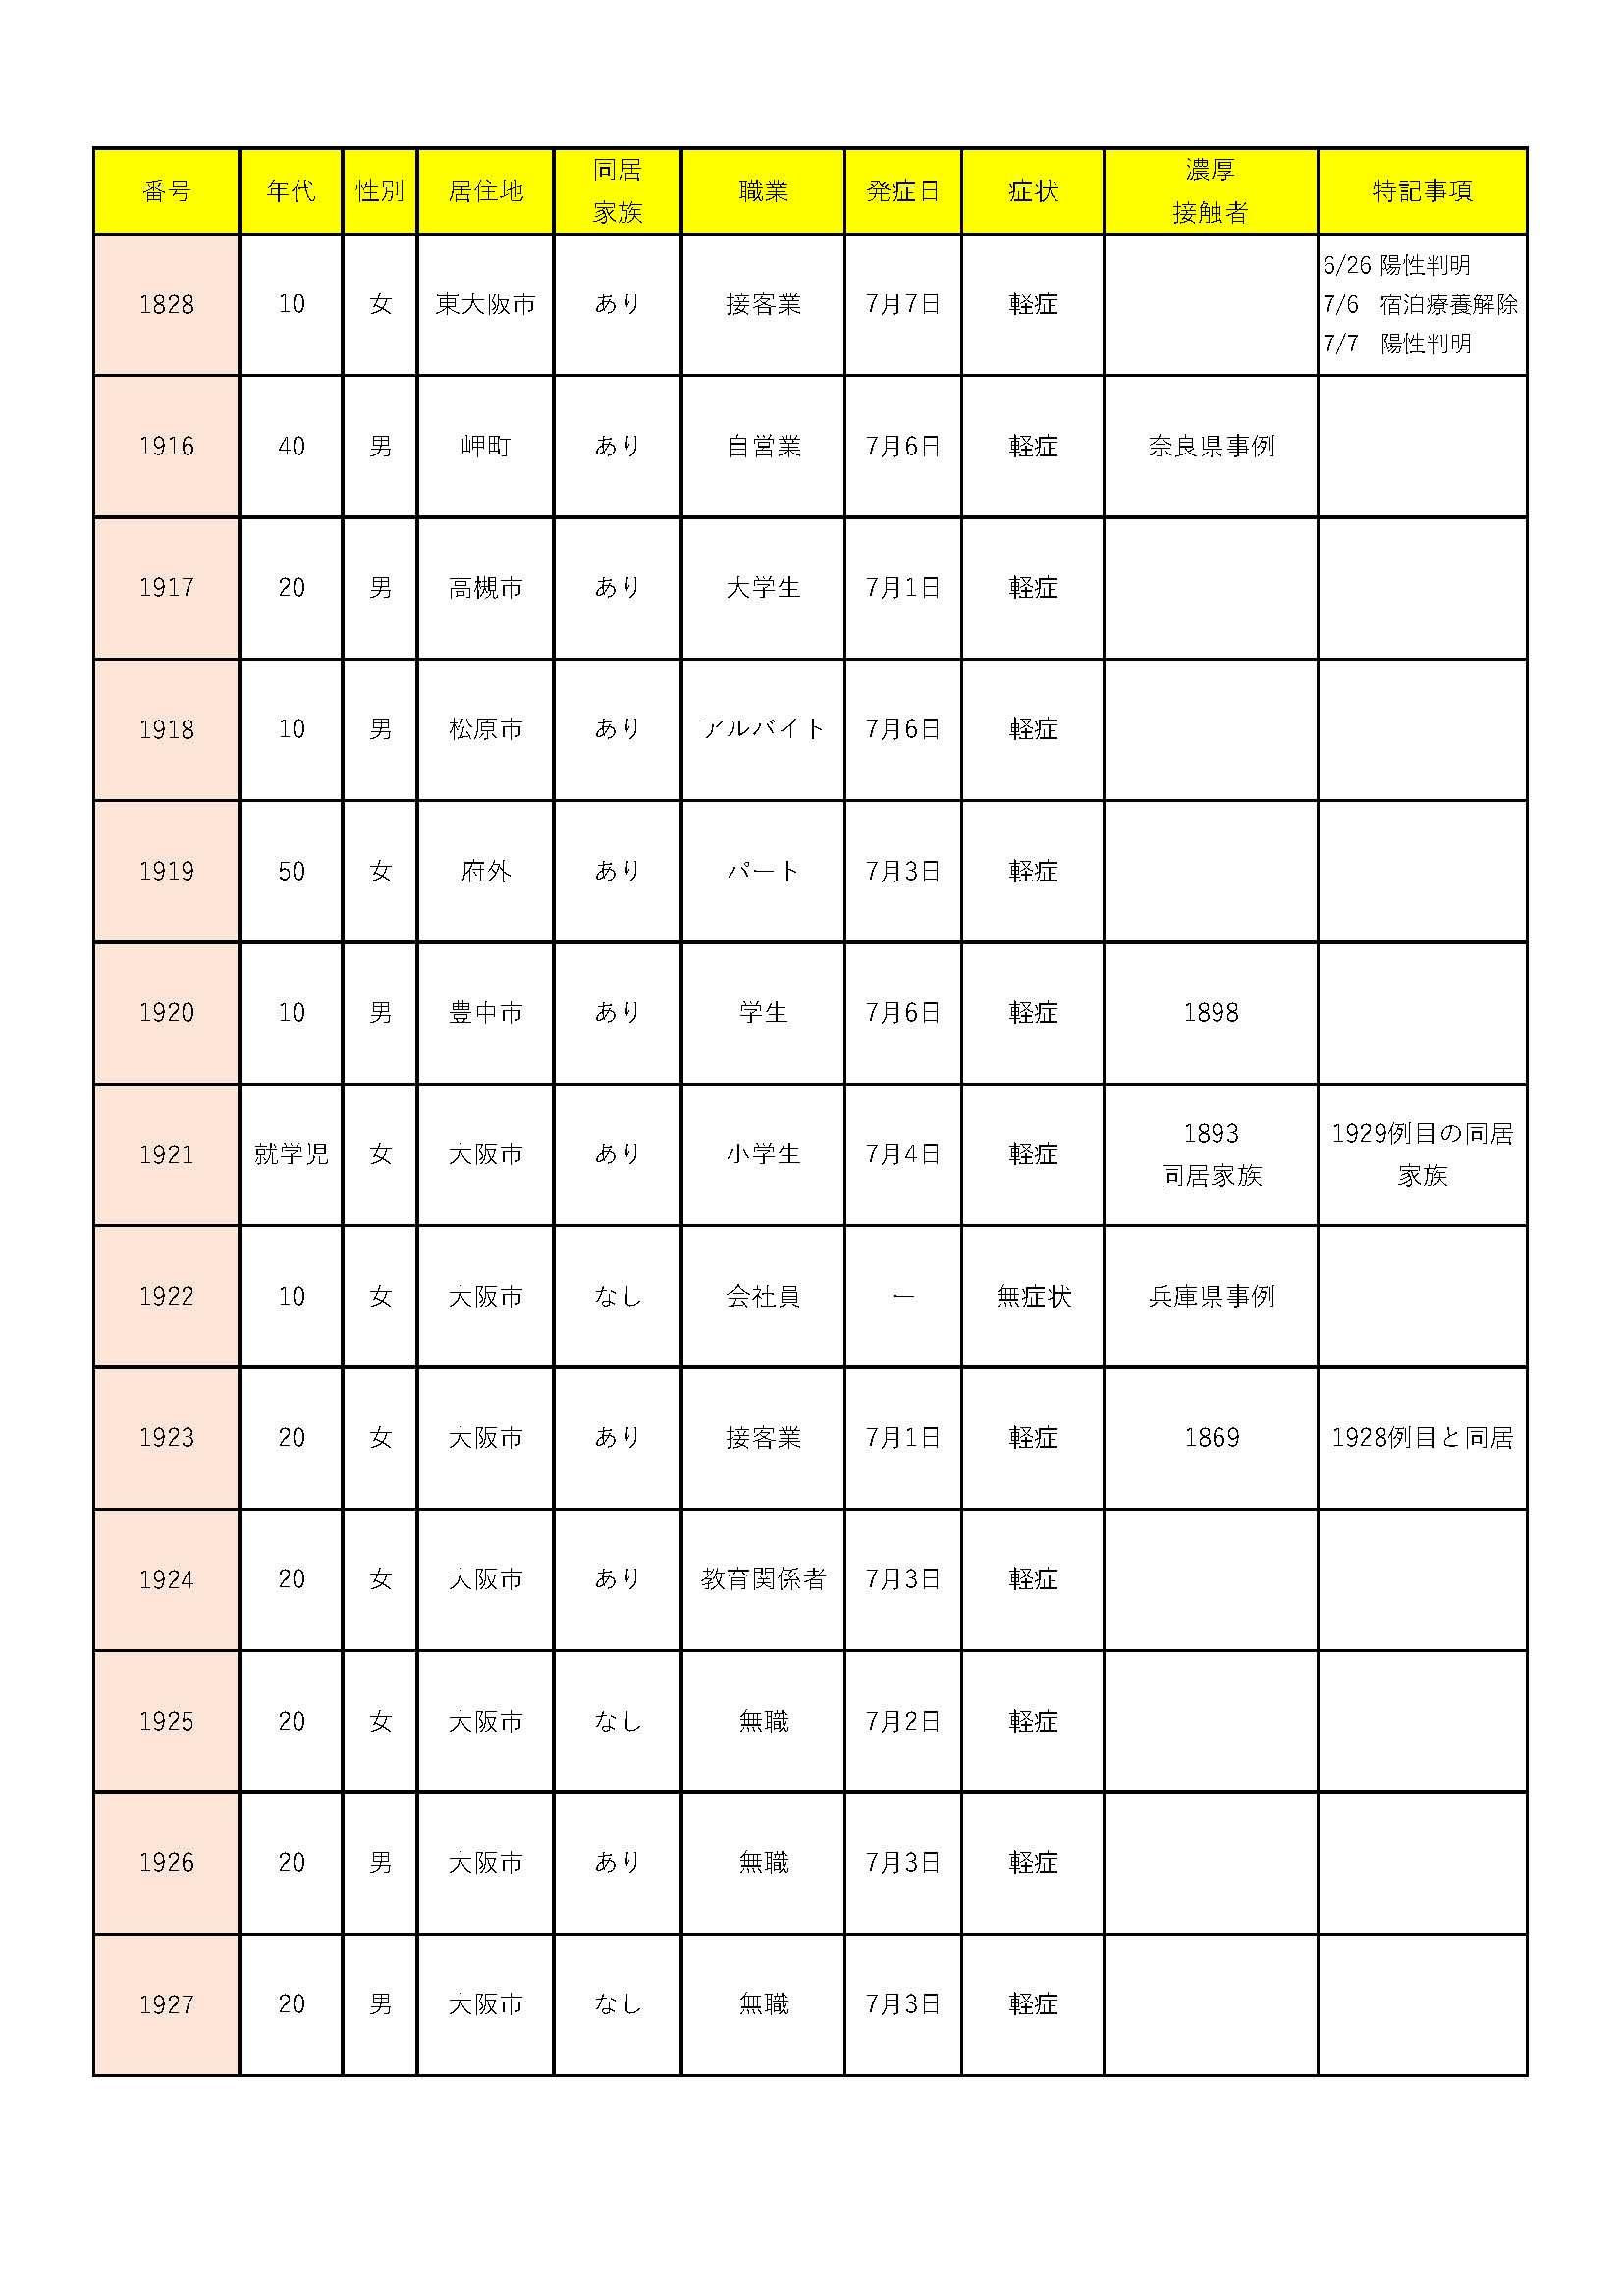 7/9大阪府のコロナウイルス感染者は30人! 大阪市の20~30代が17人